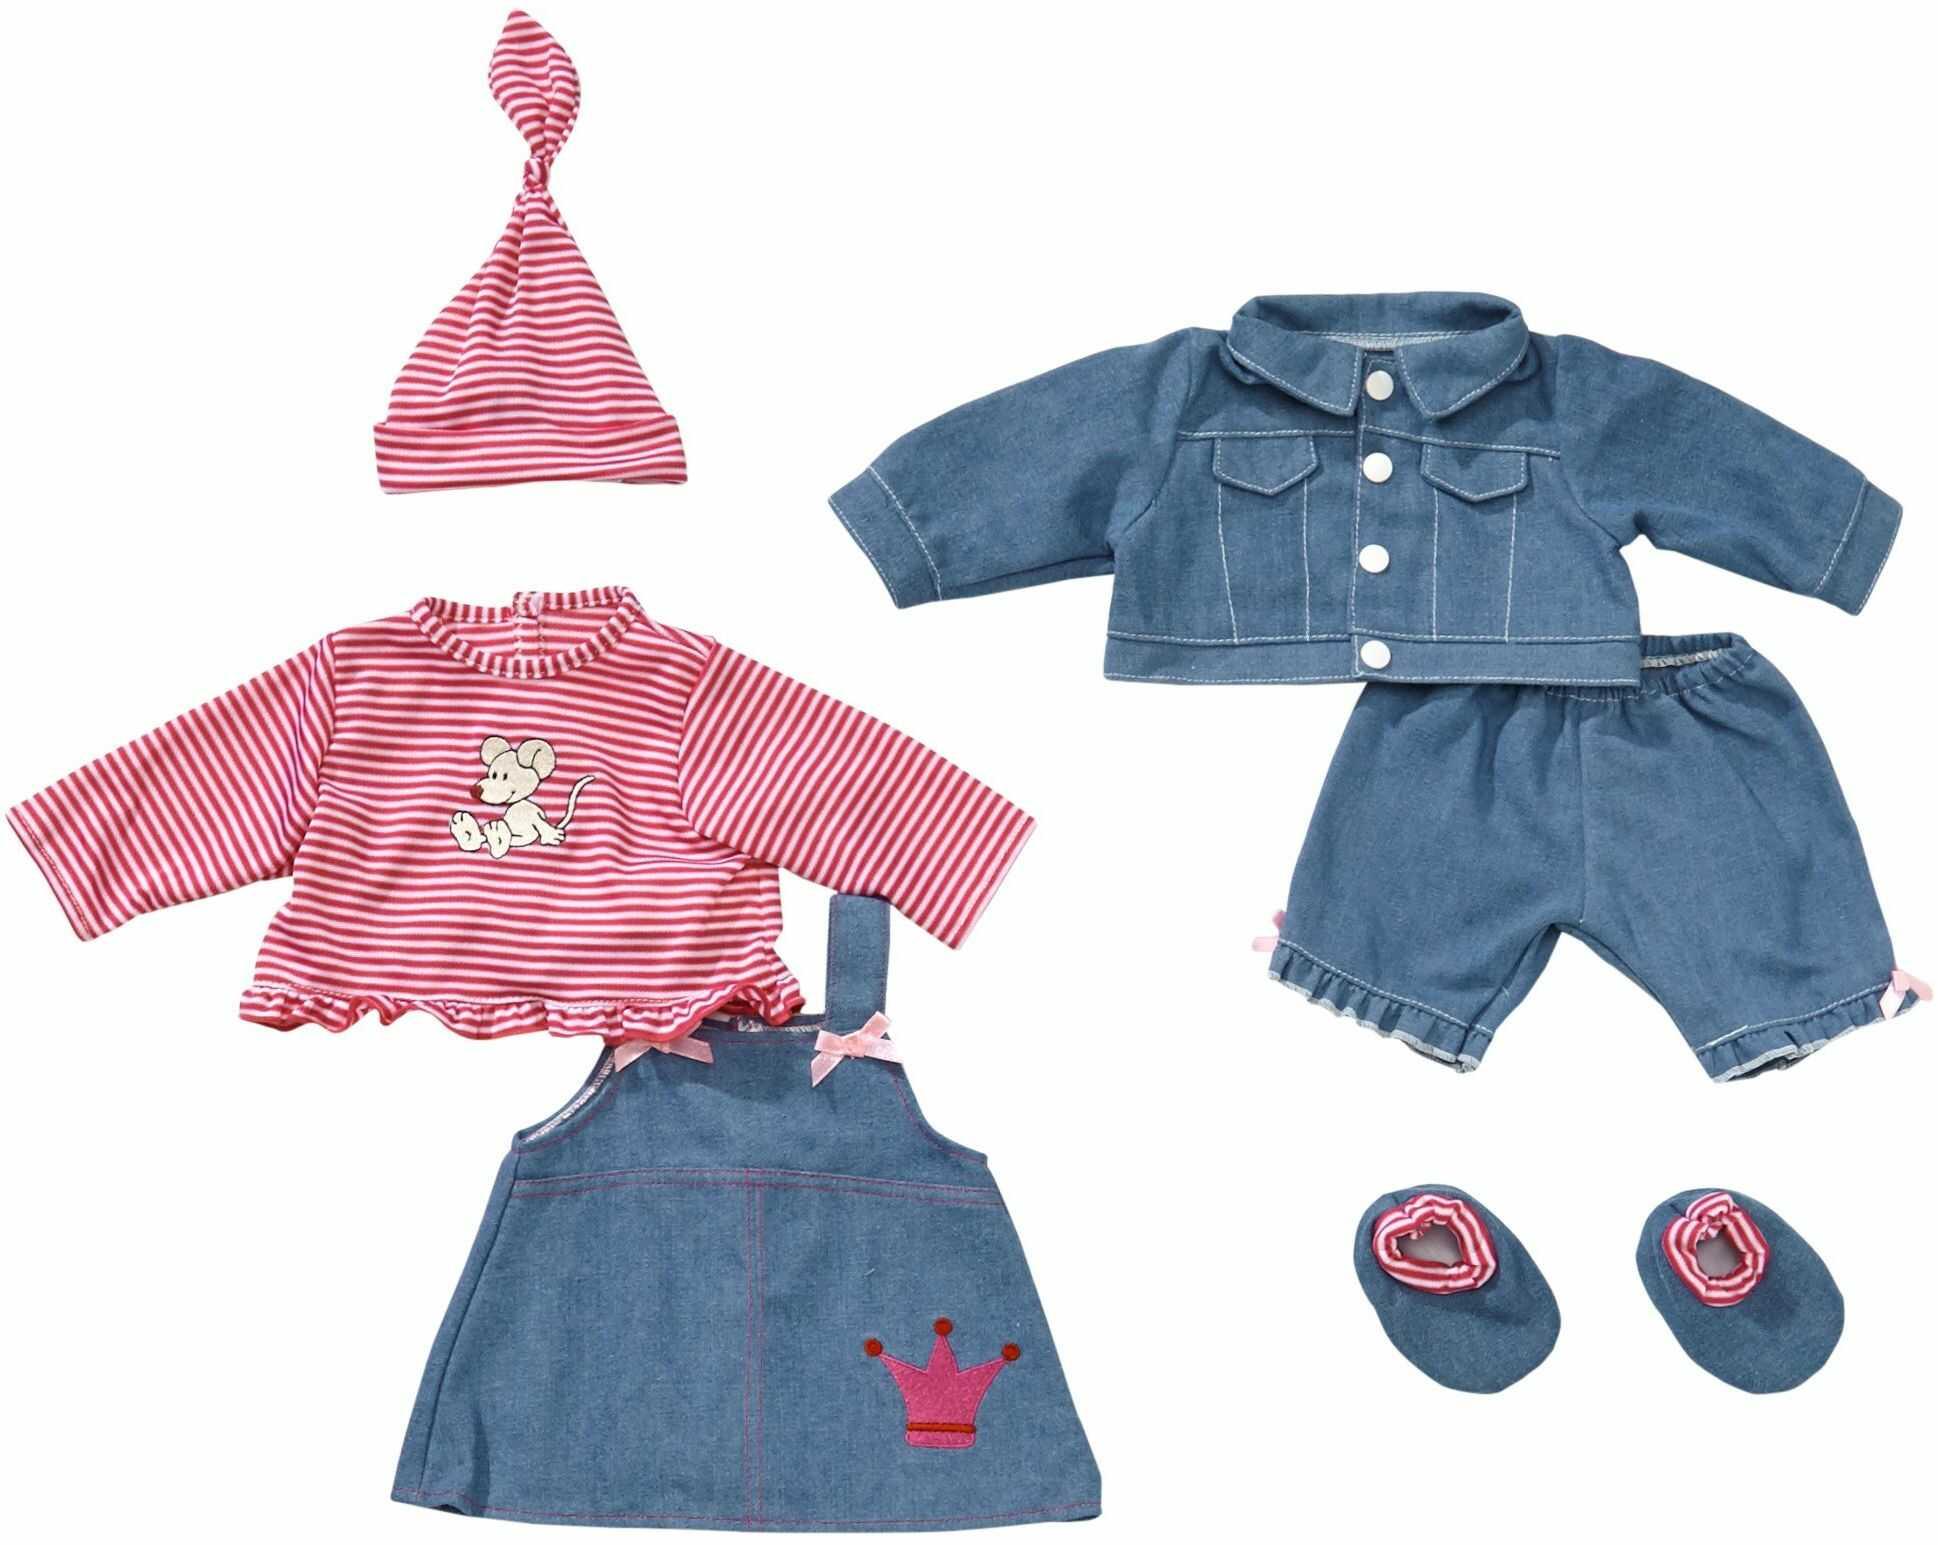 Bayer Design 84618 dla lalek 42-46 cm, spodnie, top, kurtka, sukienka, koszulka, czapka, buty, wygląd dżinsu, różowe